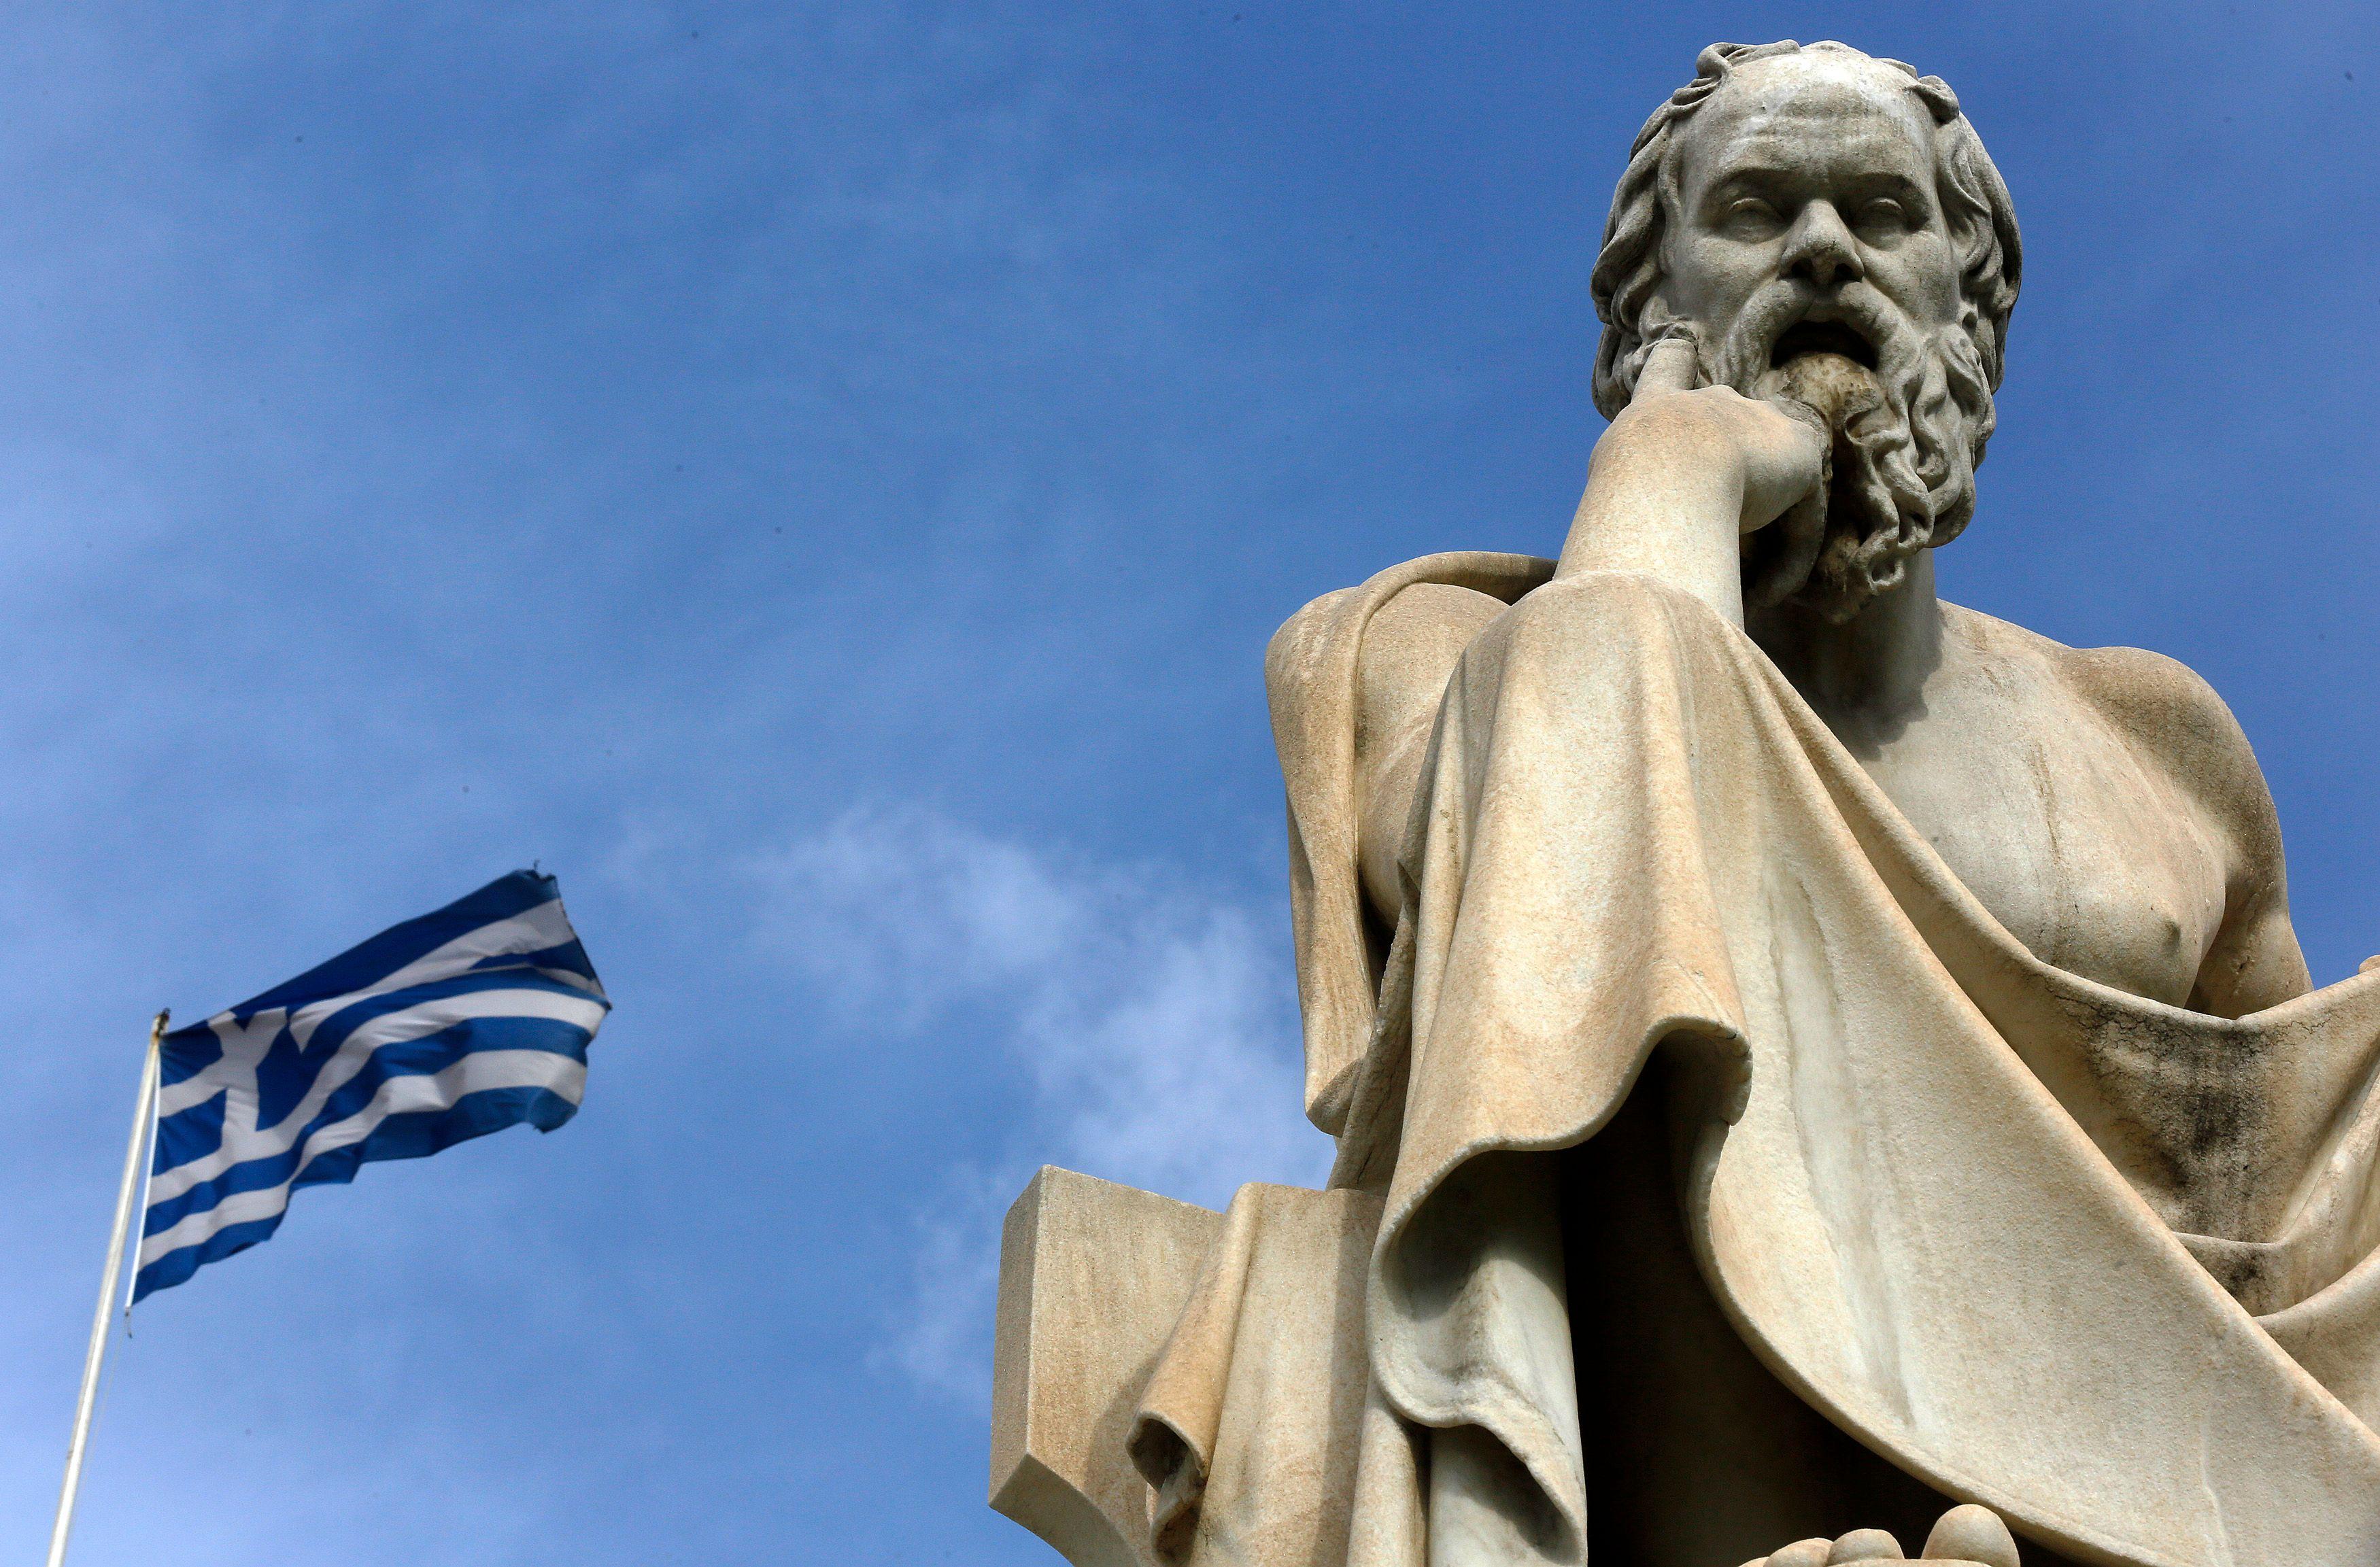 L'ornière : avec ou sans Grèce, quels scénarios pour l'avenir d'une Europe dont les membres ne se font plus confiance ?